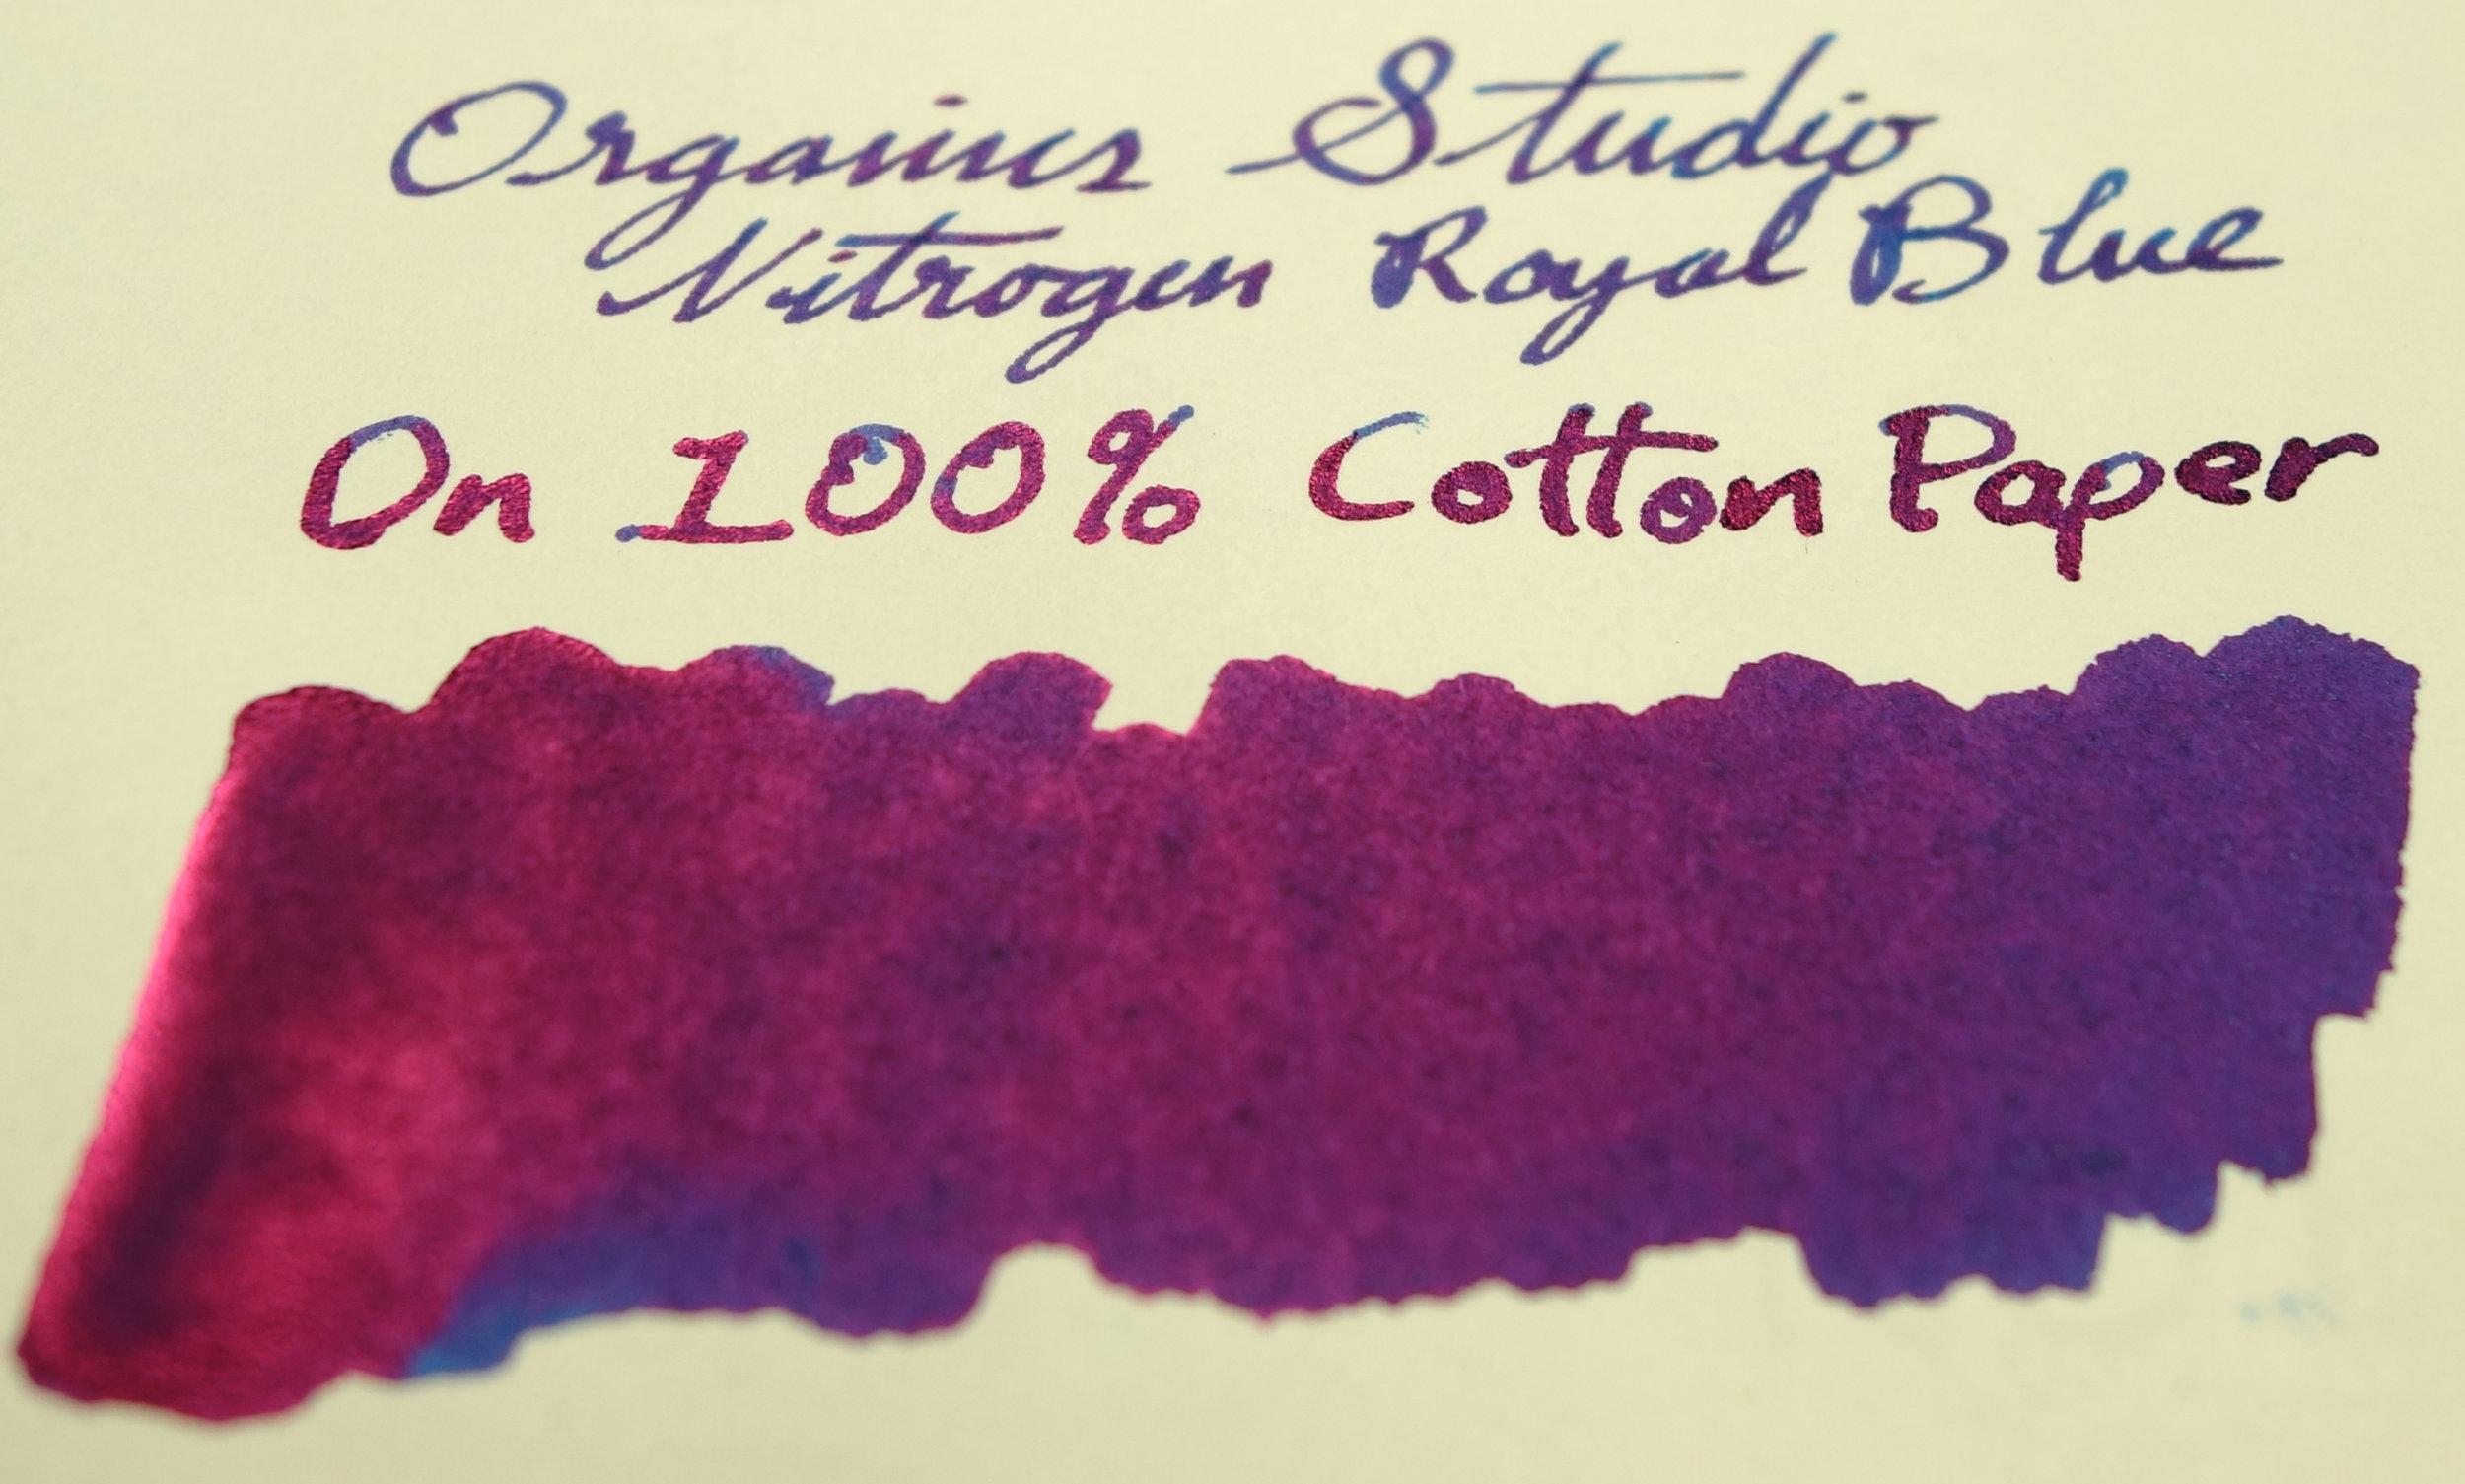 Sheen Cotton Paper.jpg